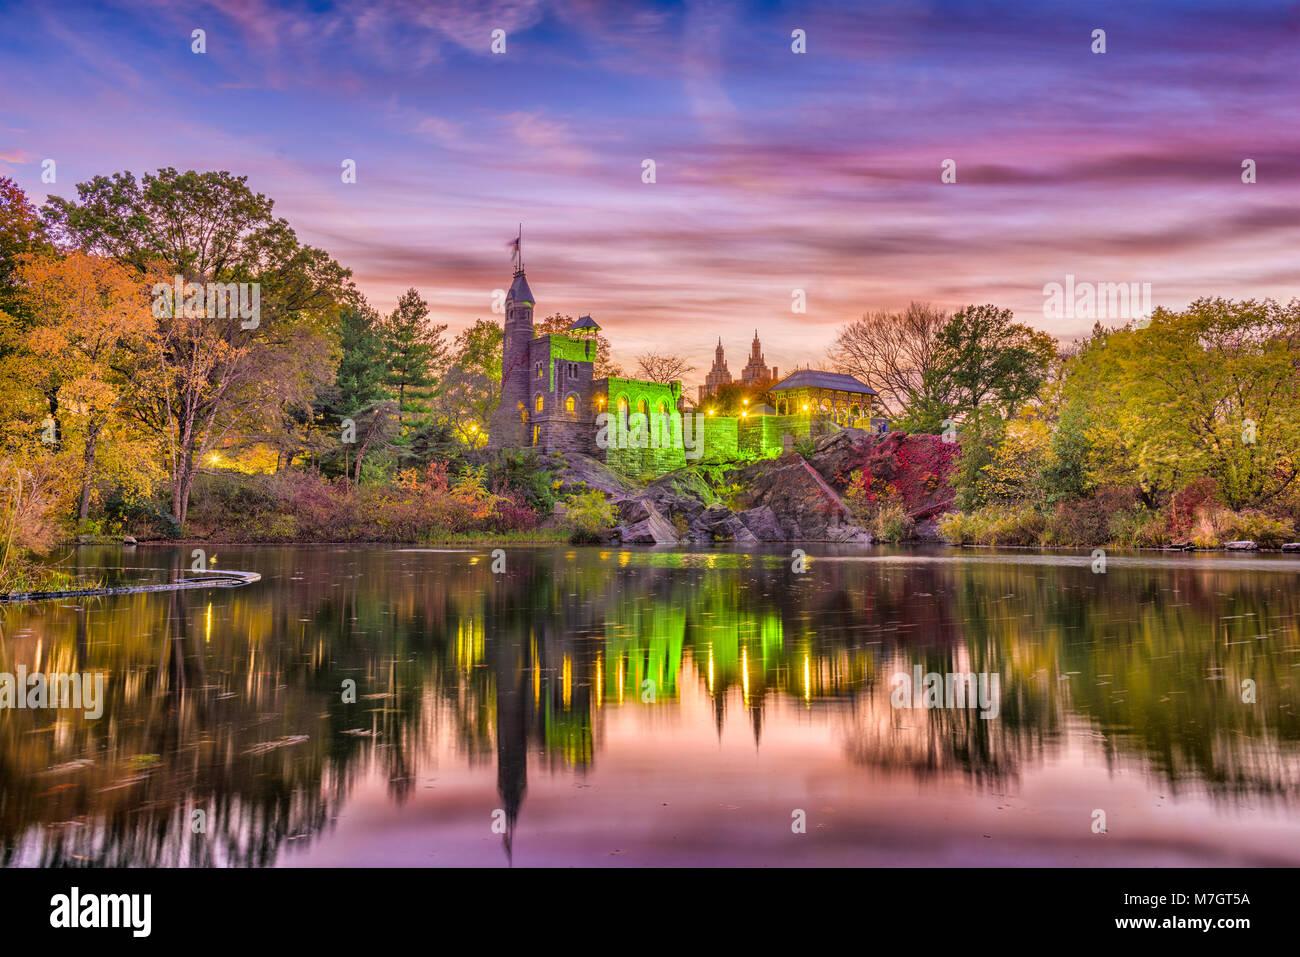 New York, New York à Central Park et château de l'étang lors d'un crépuscule d'automne. Photo Stock